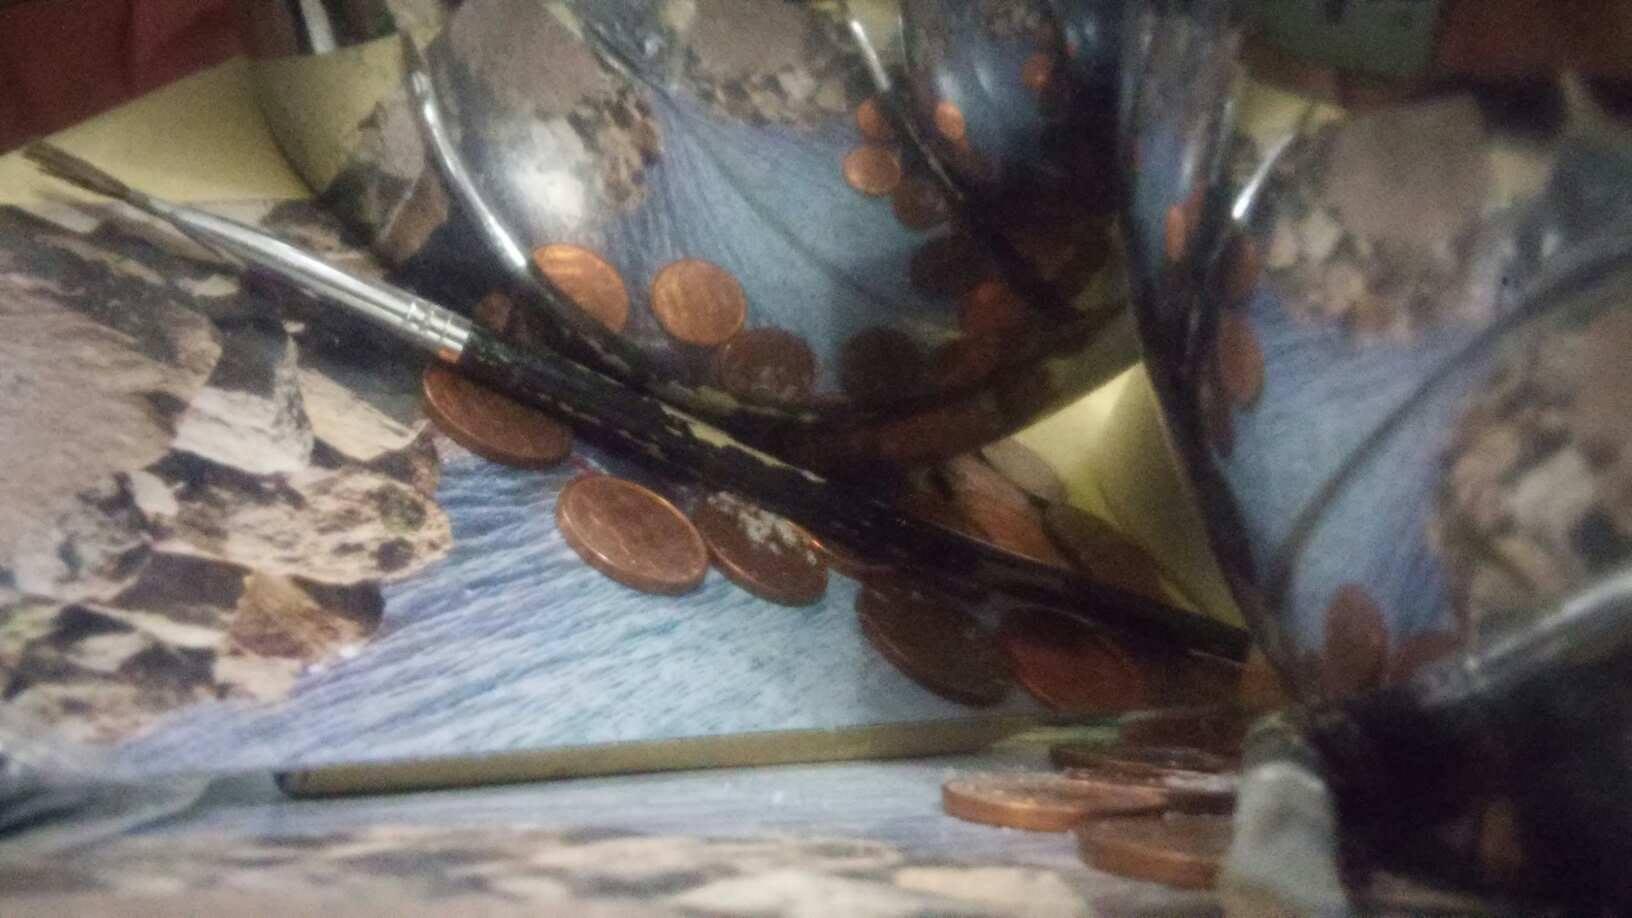 Come Scartavetrare Il Legno colori acrilici su legno: come scegliere quali acquistare